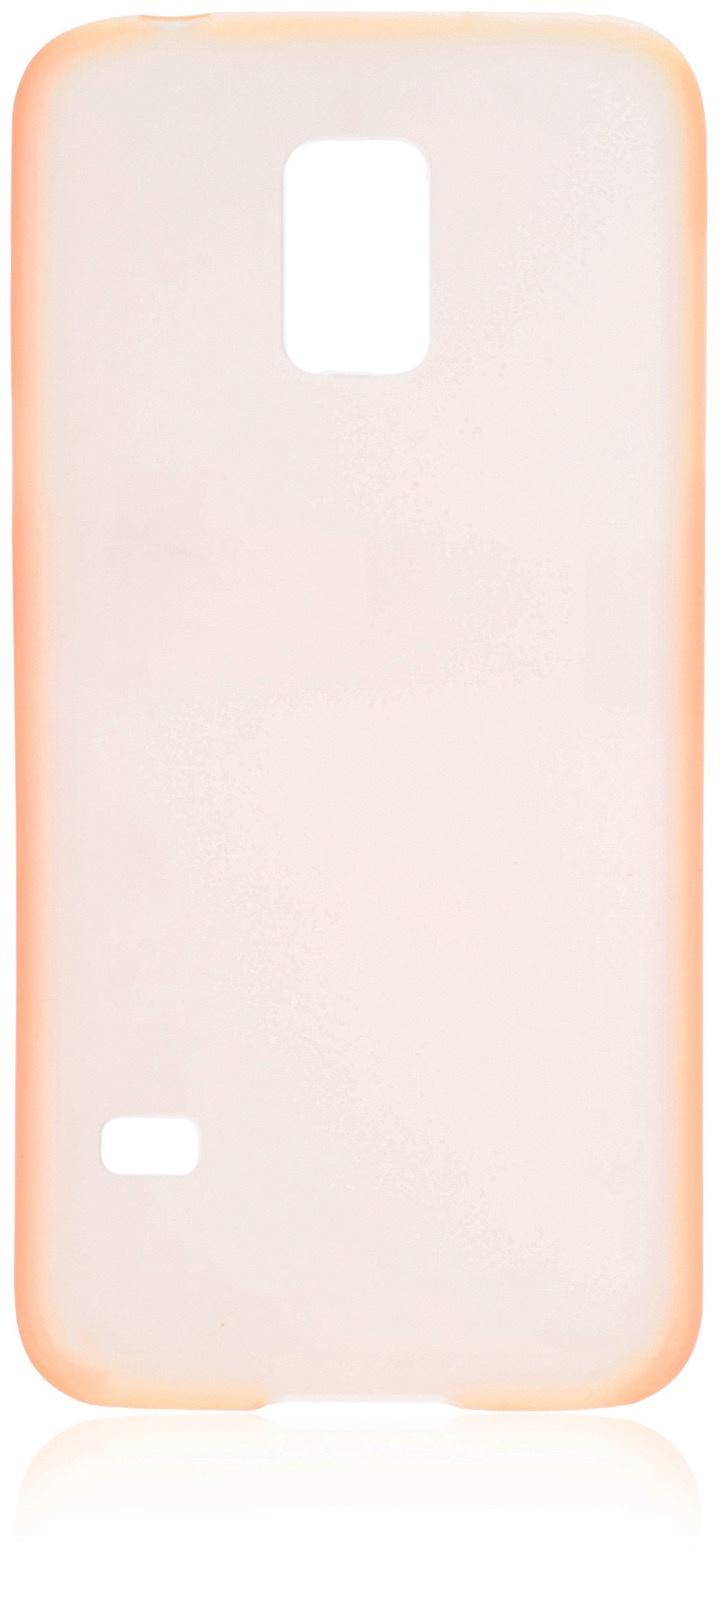 Чехол накладка iNeez пластик 0.3 мм 570002 для Samsung Galaxy S5 mini,570002, оранжевый